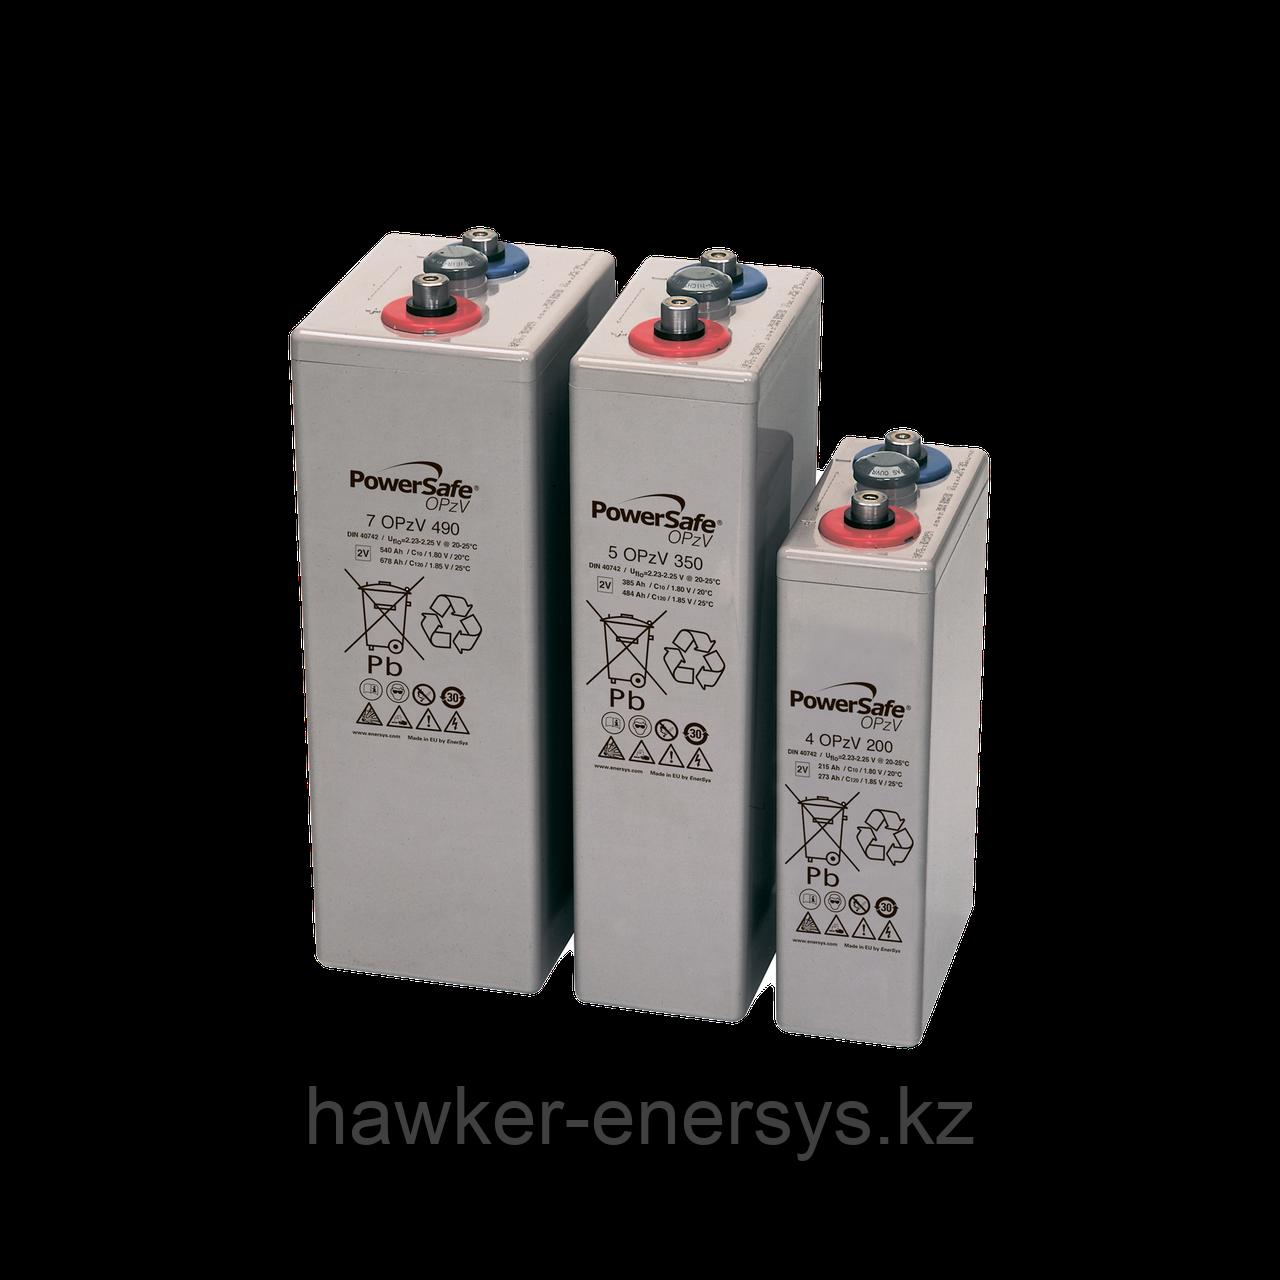 Аккумуляторная батарея PowerSafe 12 OPzV 1200 (1410Ah)